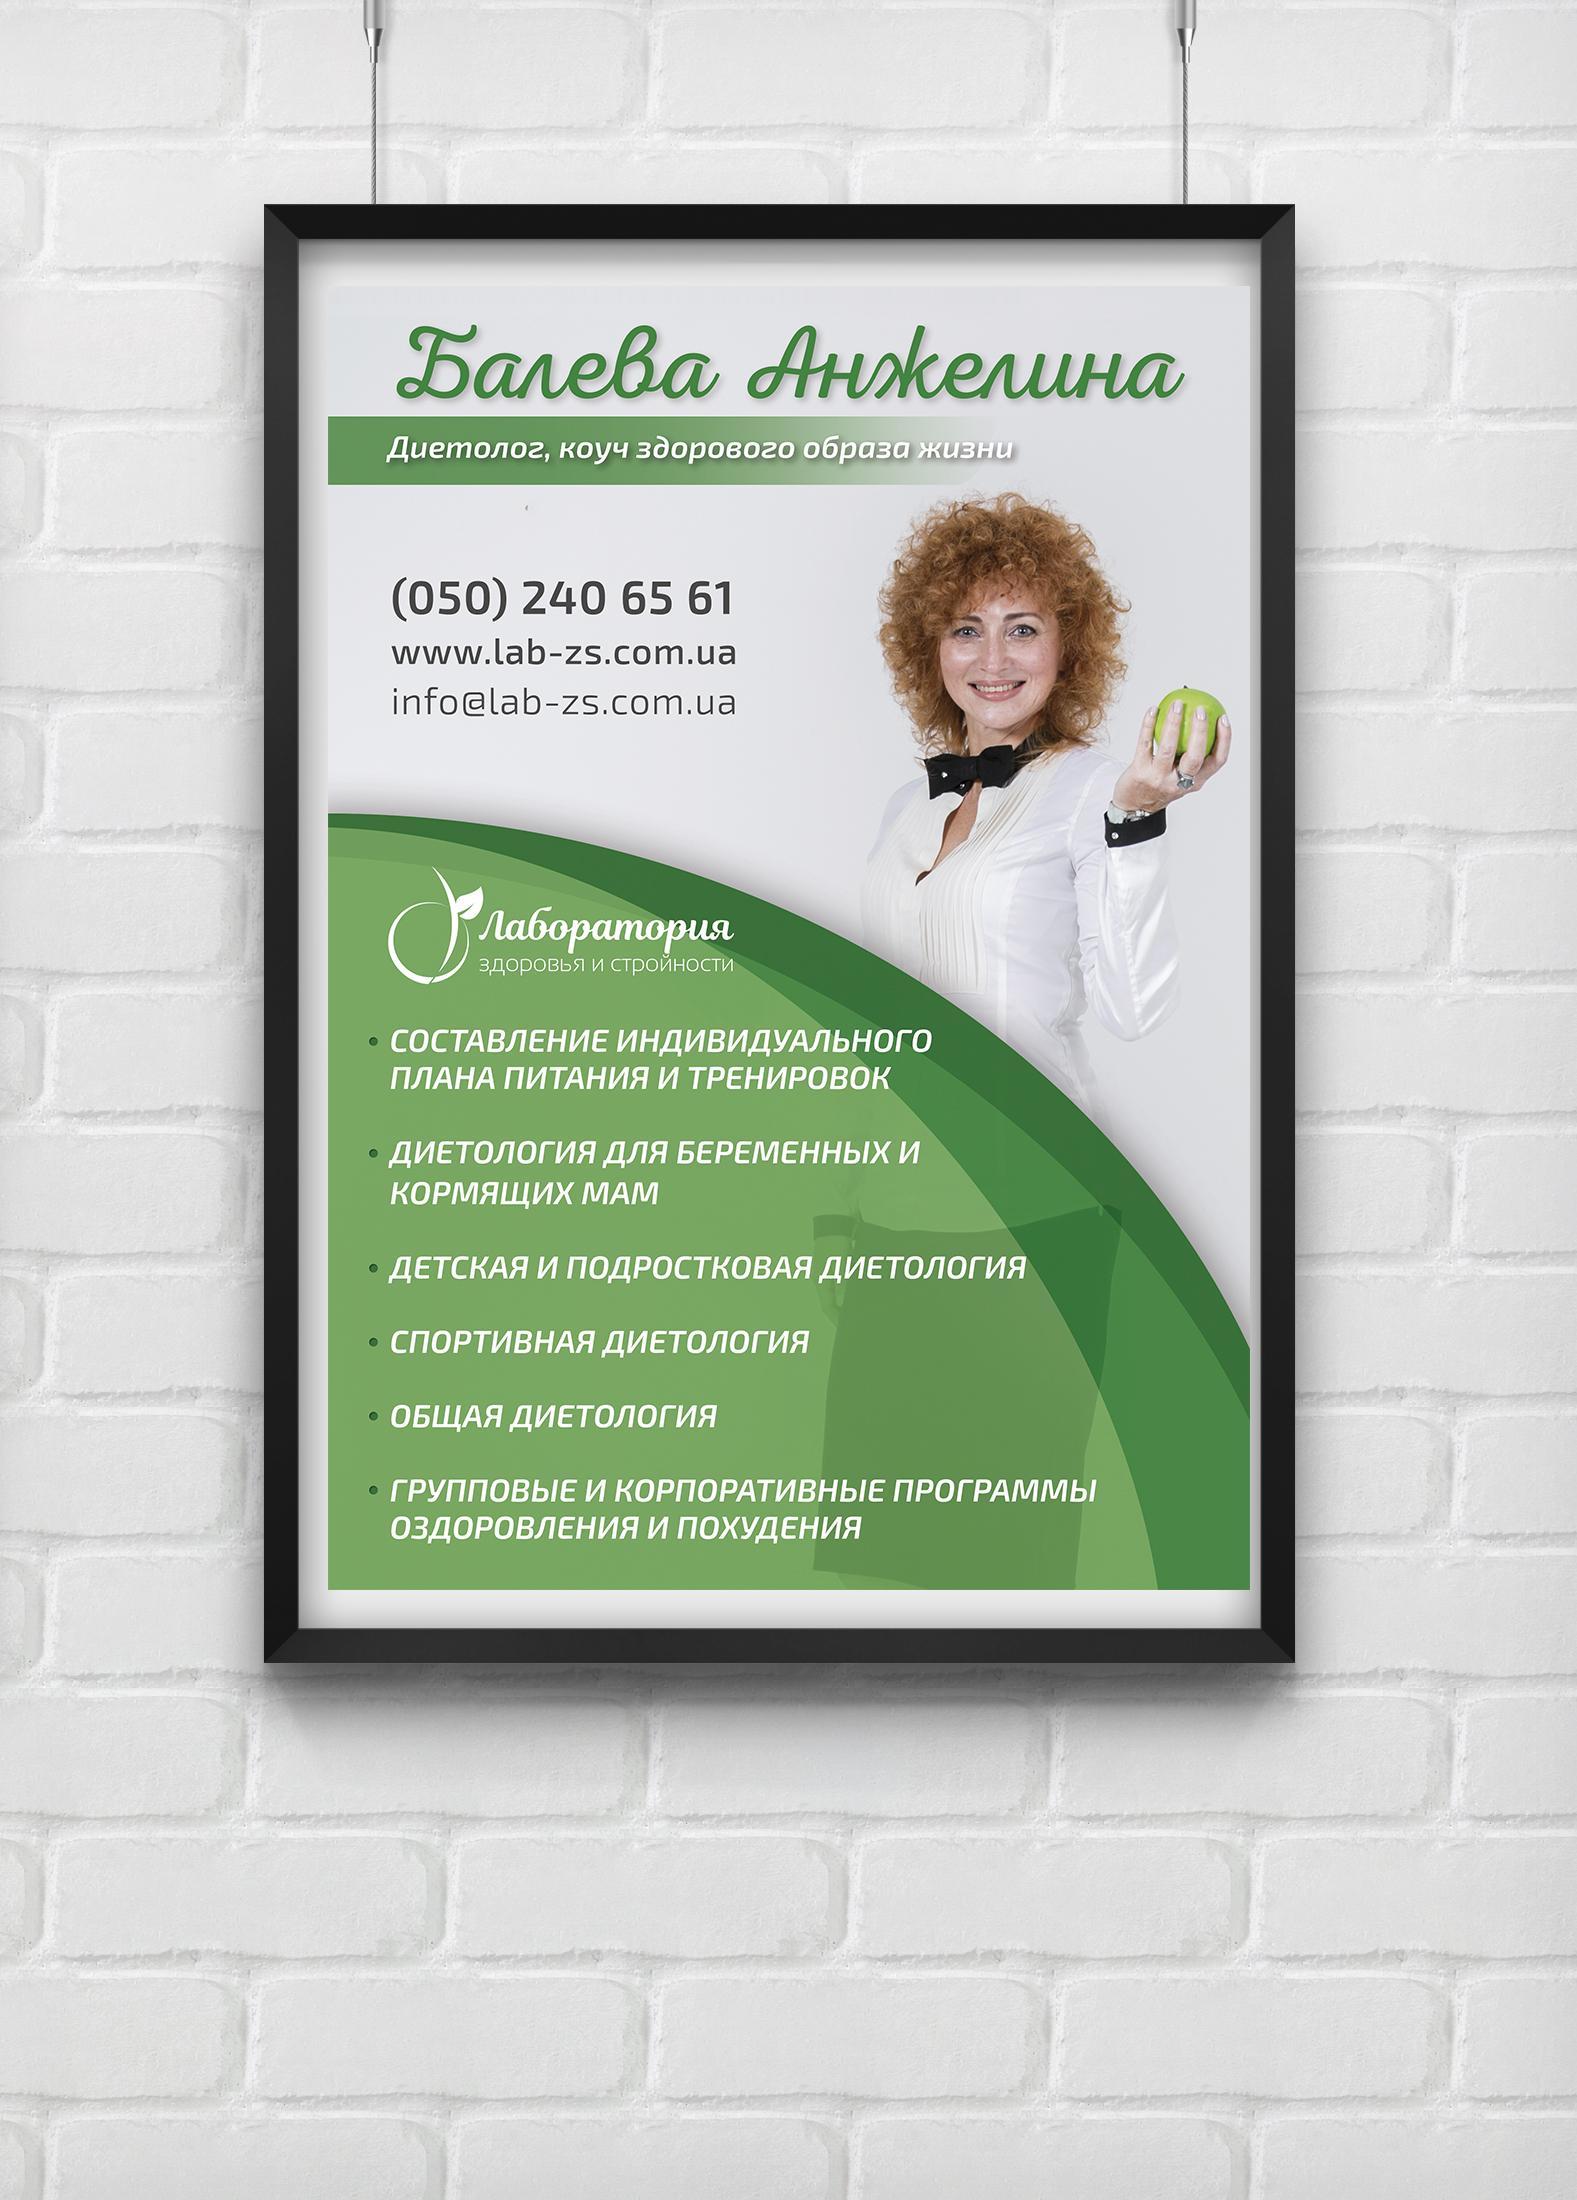 Постеры для Лаборатории здоровья и стройности